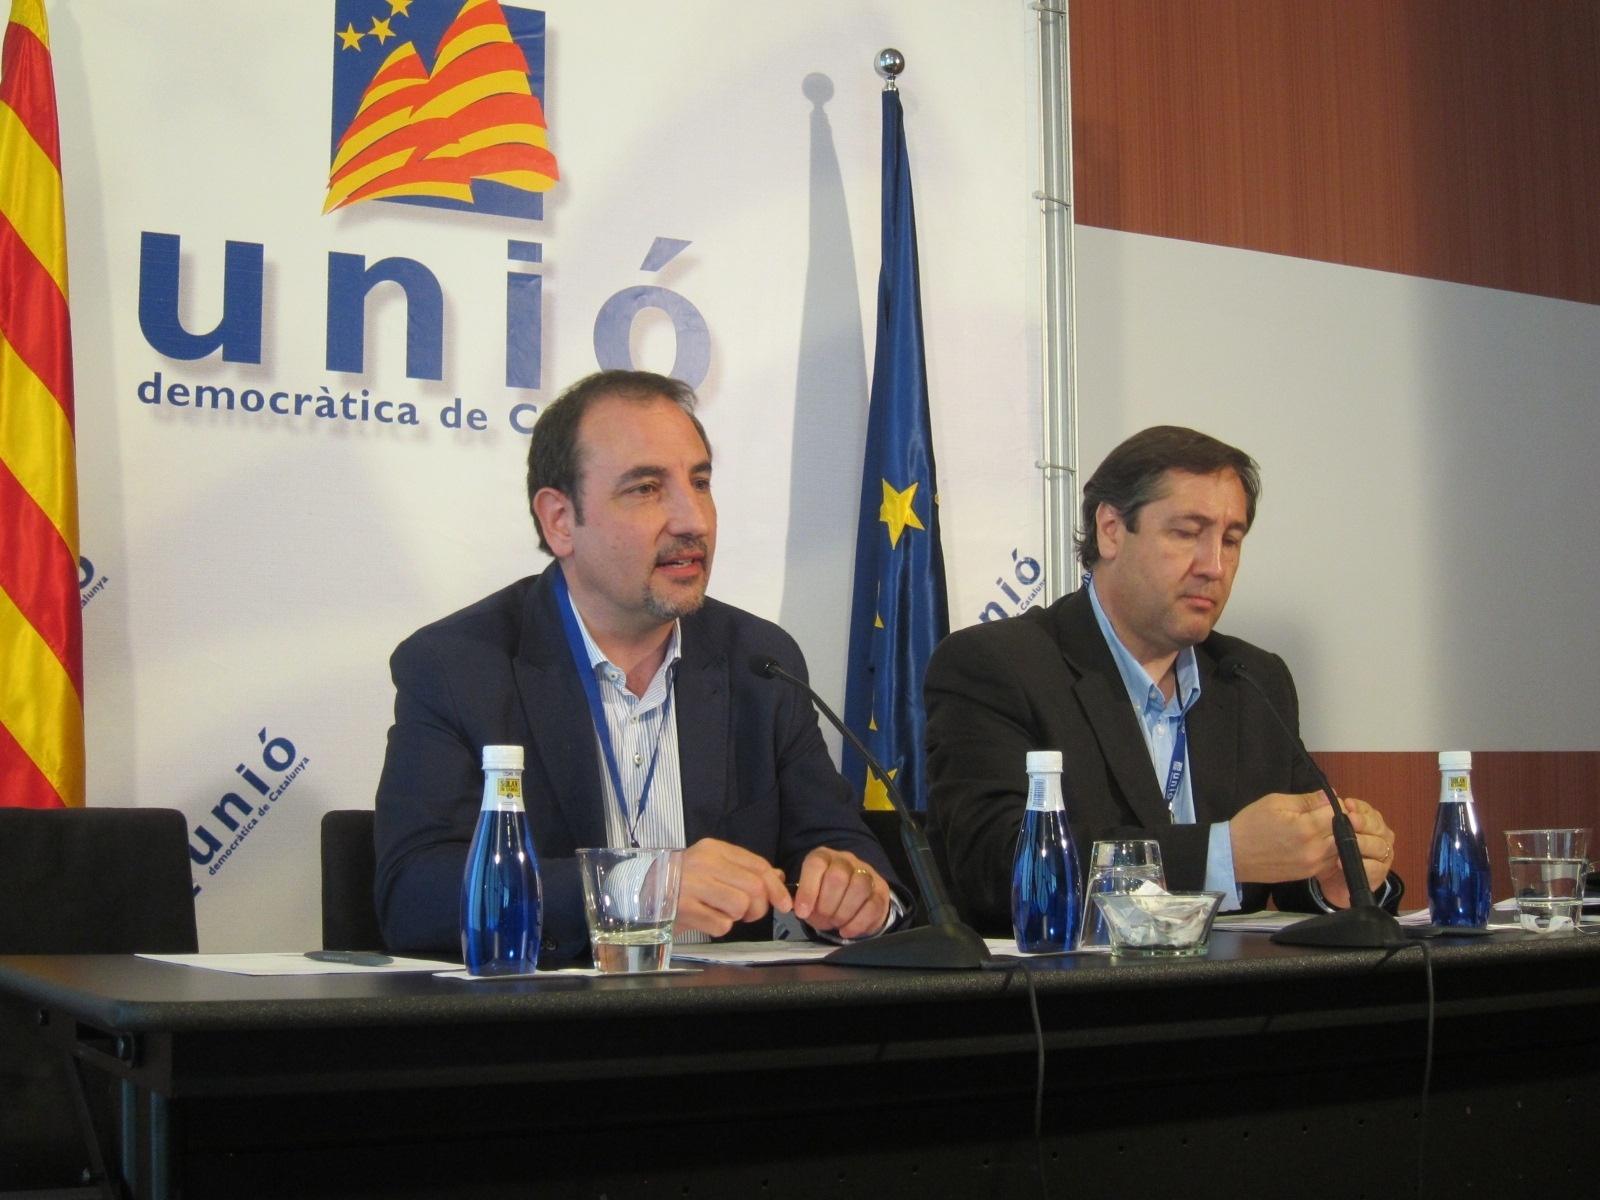 UDC replica al PP que el Concert per la Llibertat es «una expresión democrática y cívica»